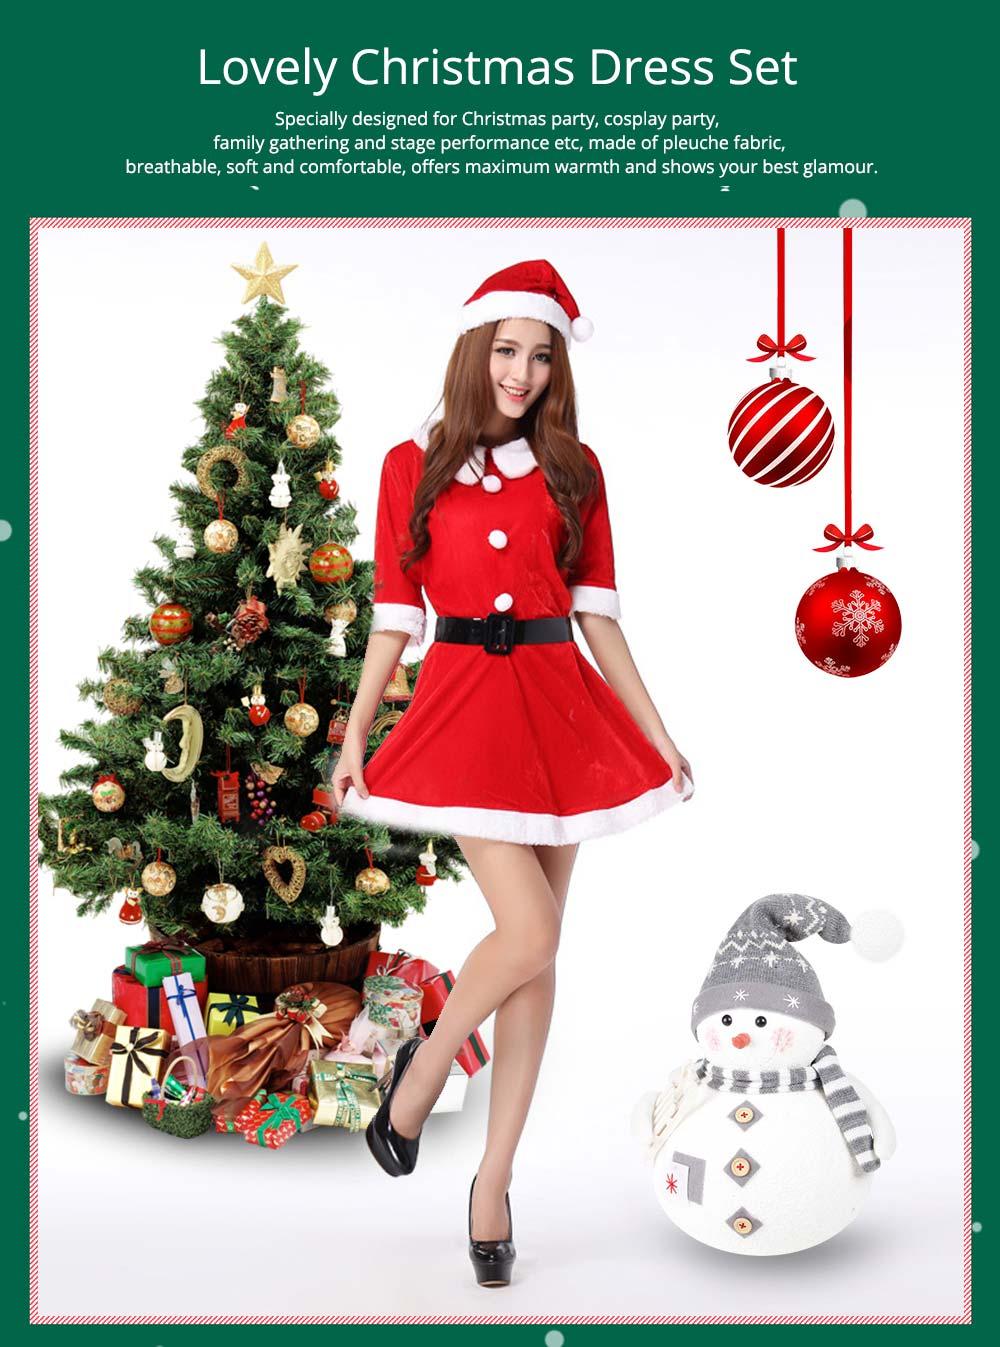 Lovely Christmas Dress Set